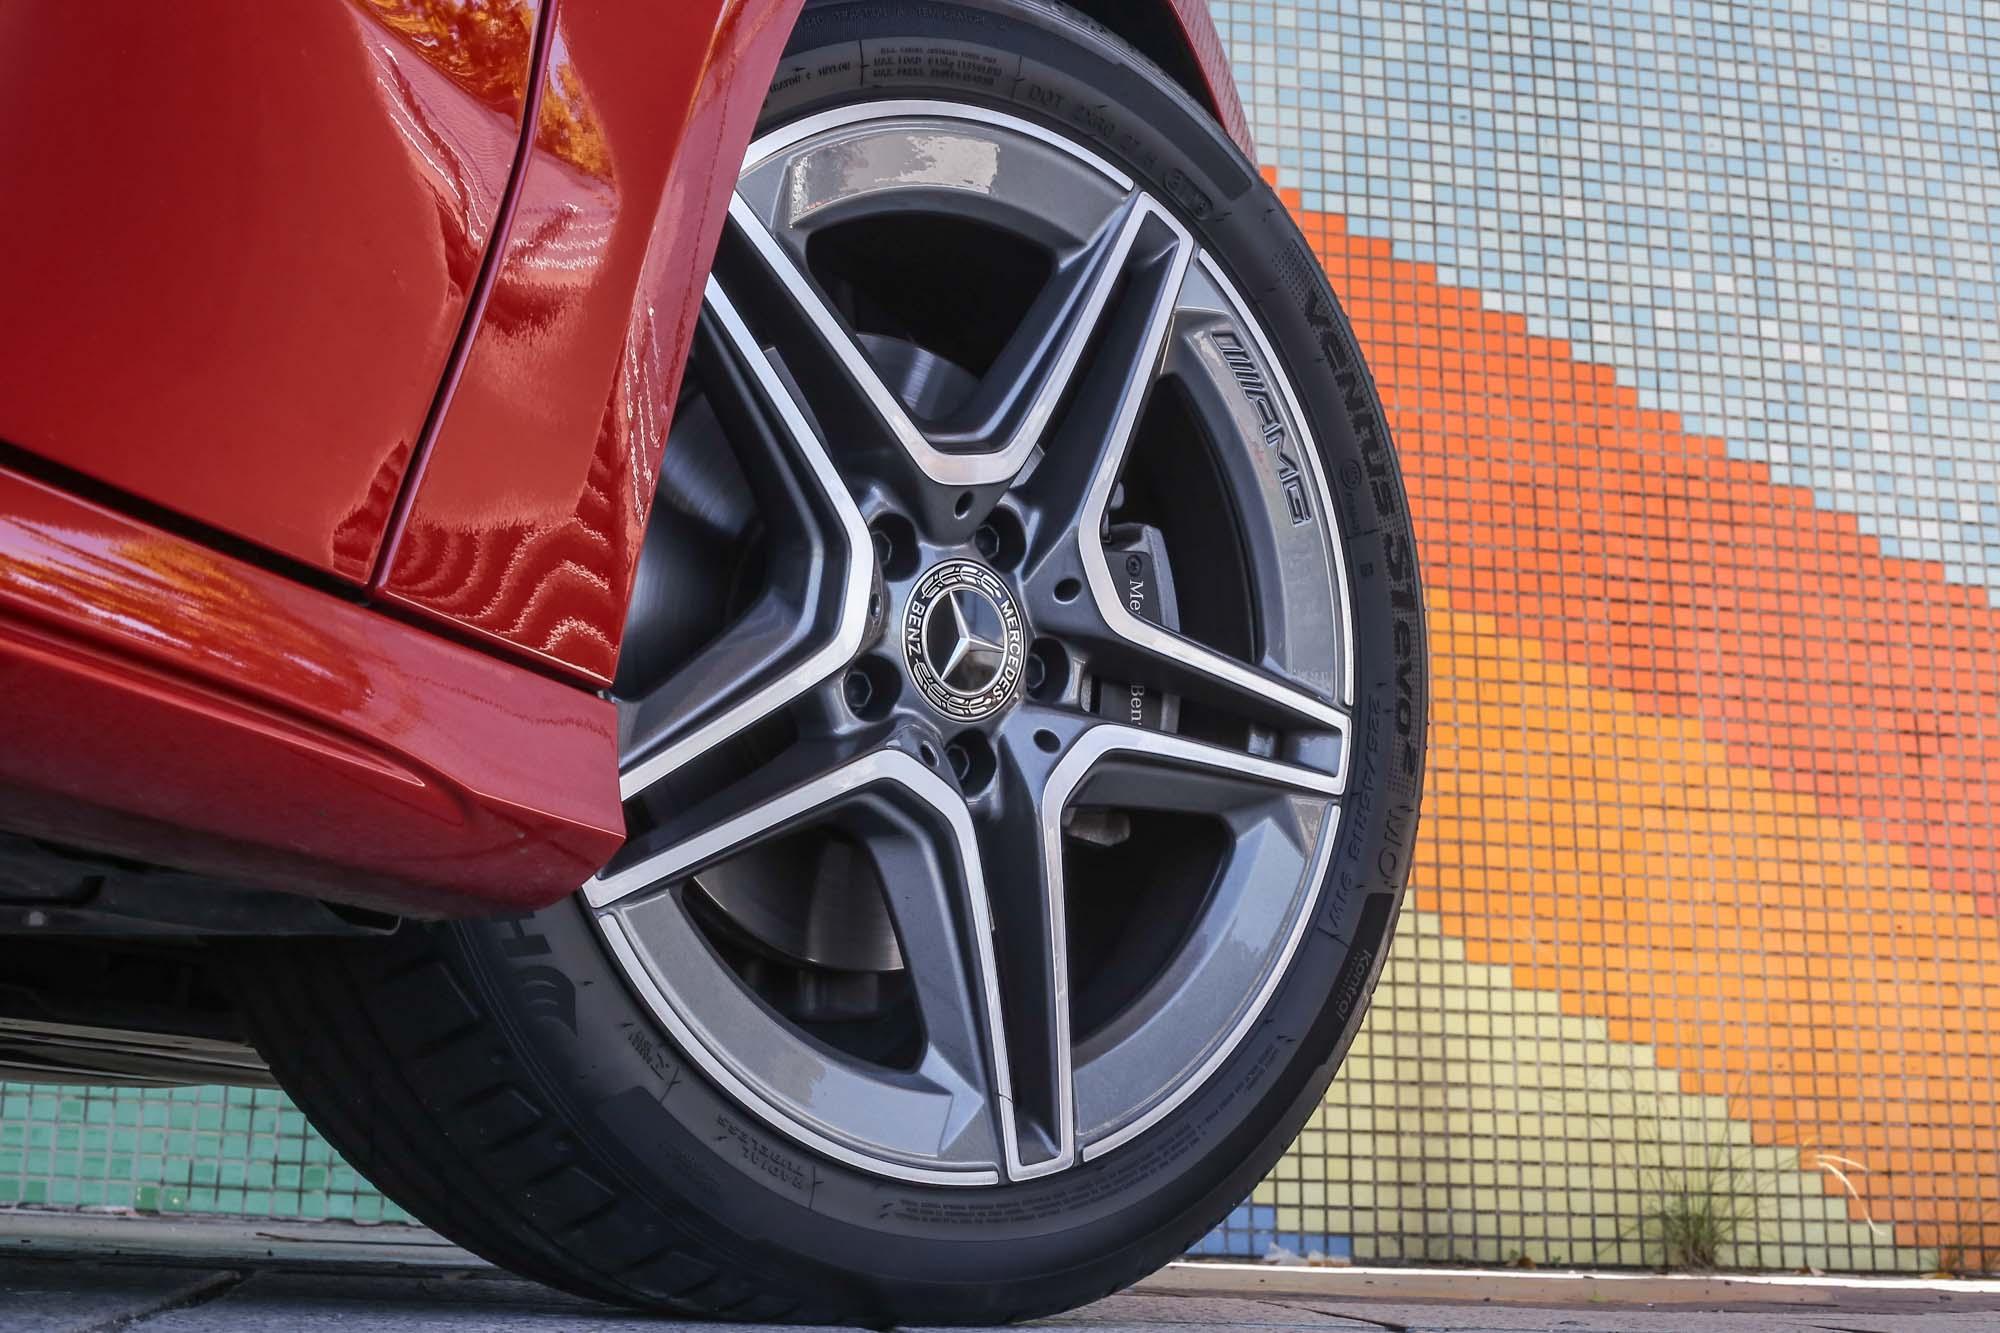 試駕車 B 200 搭配 AMG Line 跑車化套件,配備 AMG 五輻輪圈、雙鍍鉻尾管、鑽石型水箱護罩,讓保守的 MPV 造型多了運動氣息。